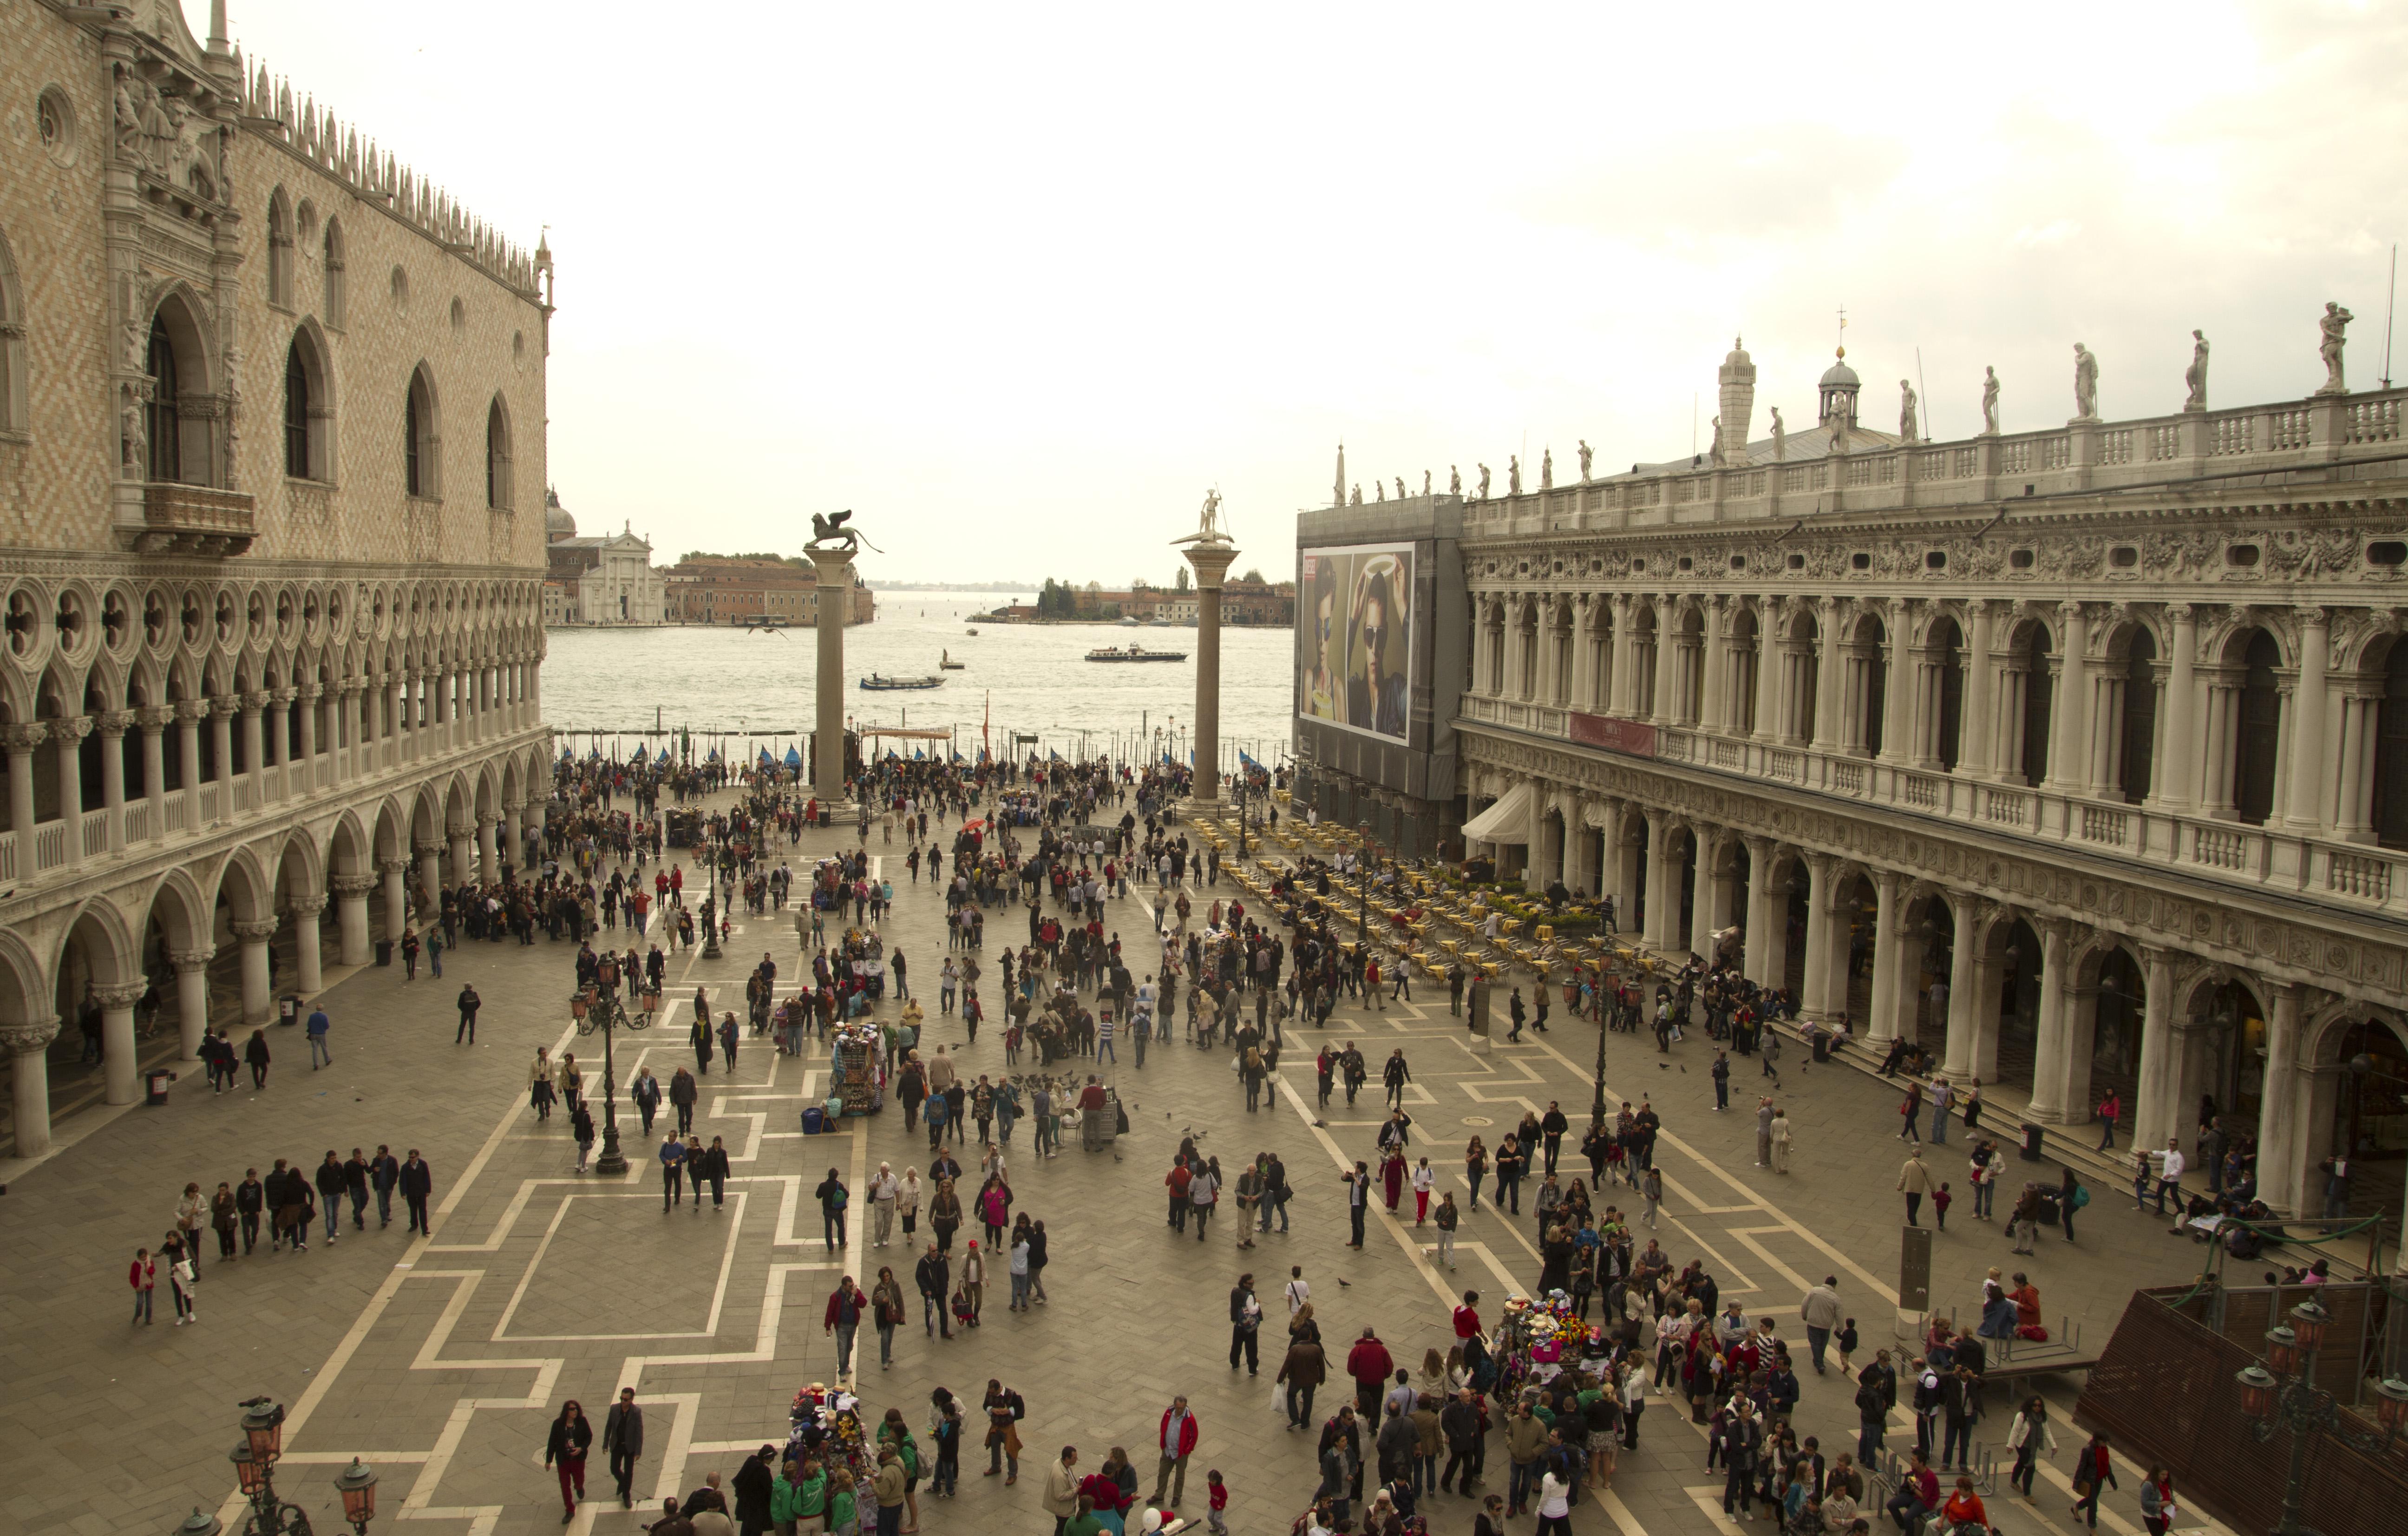 Las vistas del canal de la Giudecca desde la terraza de la Basílica de San Marcos